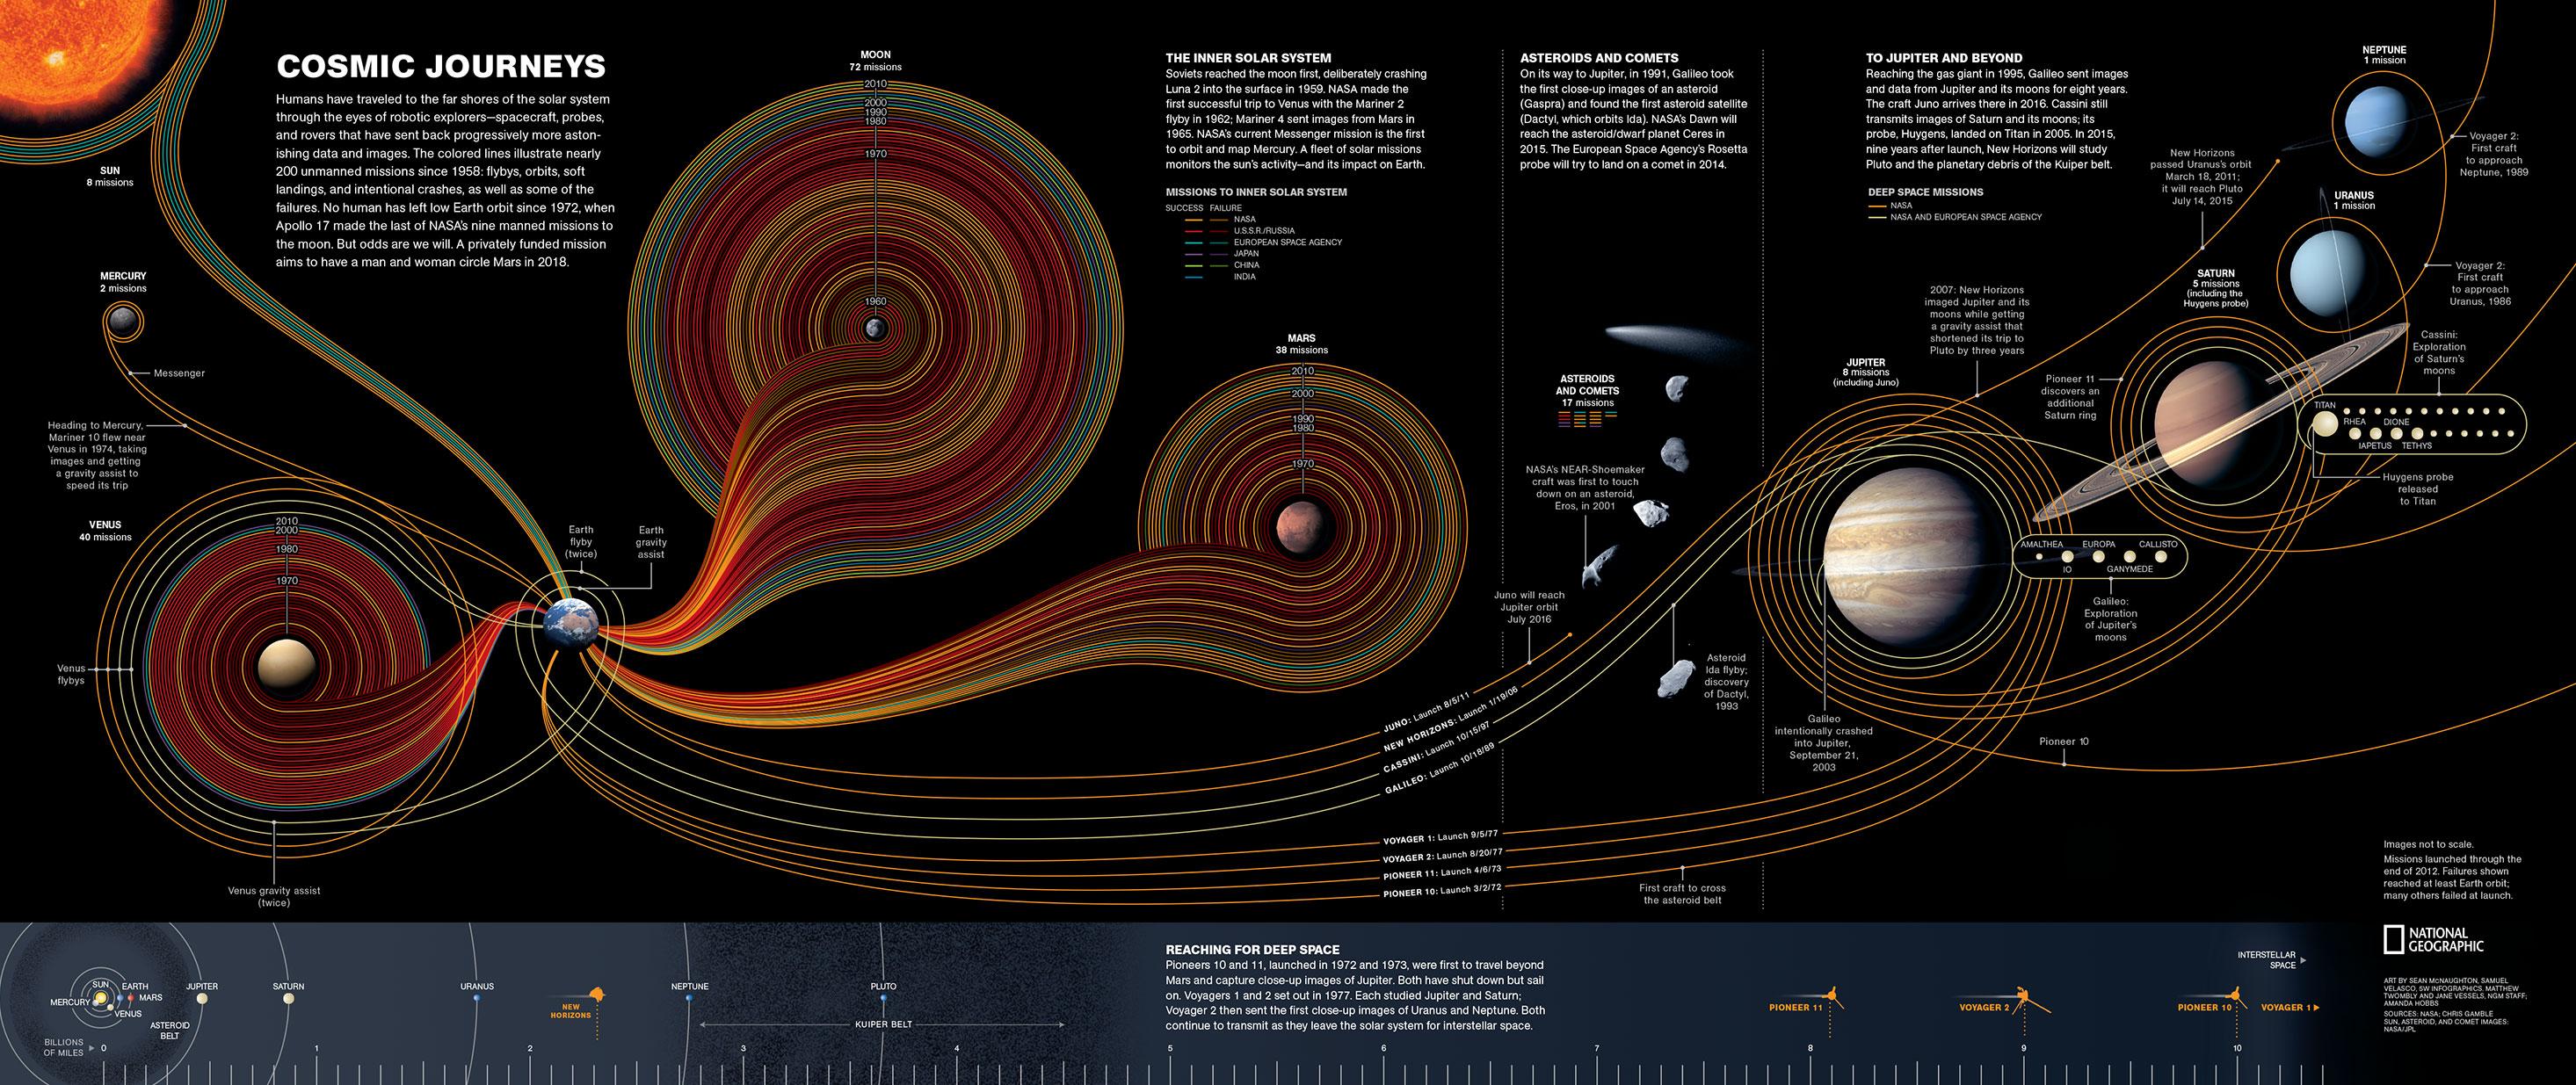 Reprsente Une Mission Et Lon Voit Bien Que La Destination Plus Mode Reste Notre Cher Satellite Lunaire Carte De 5W Infographics Lillustre